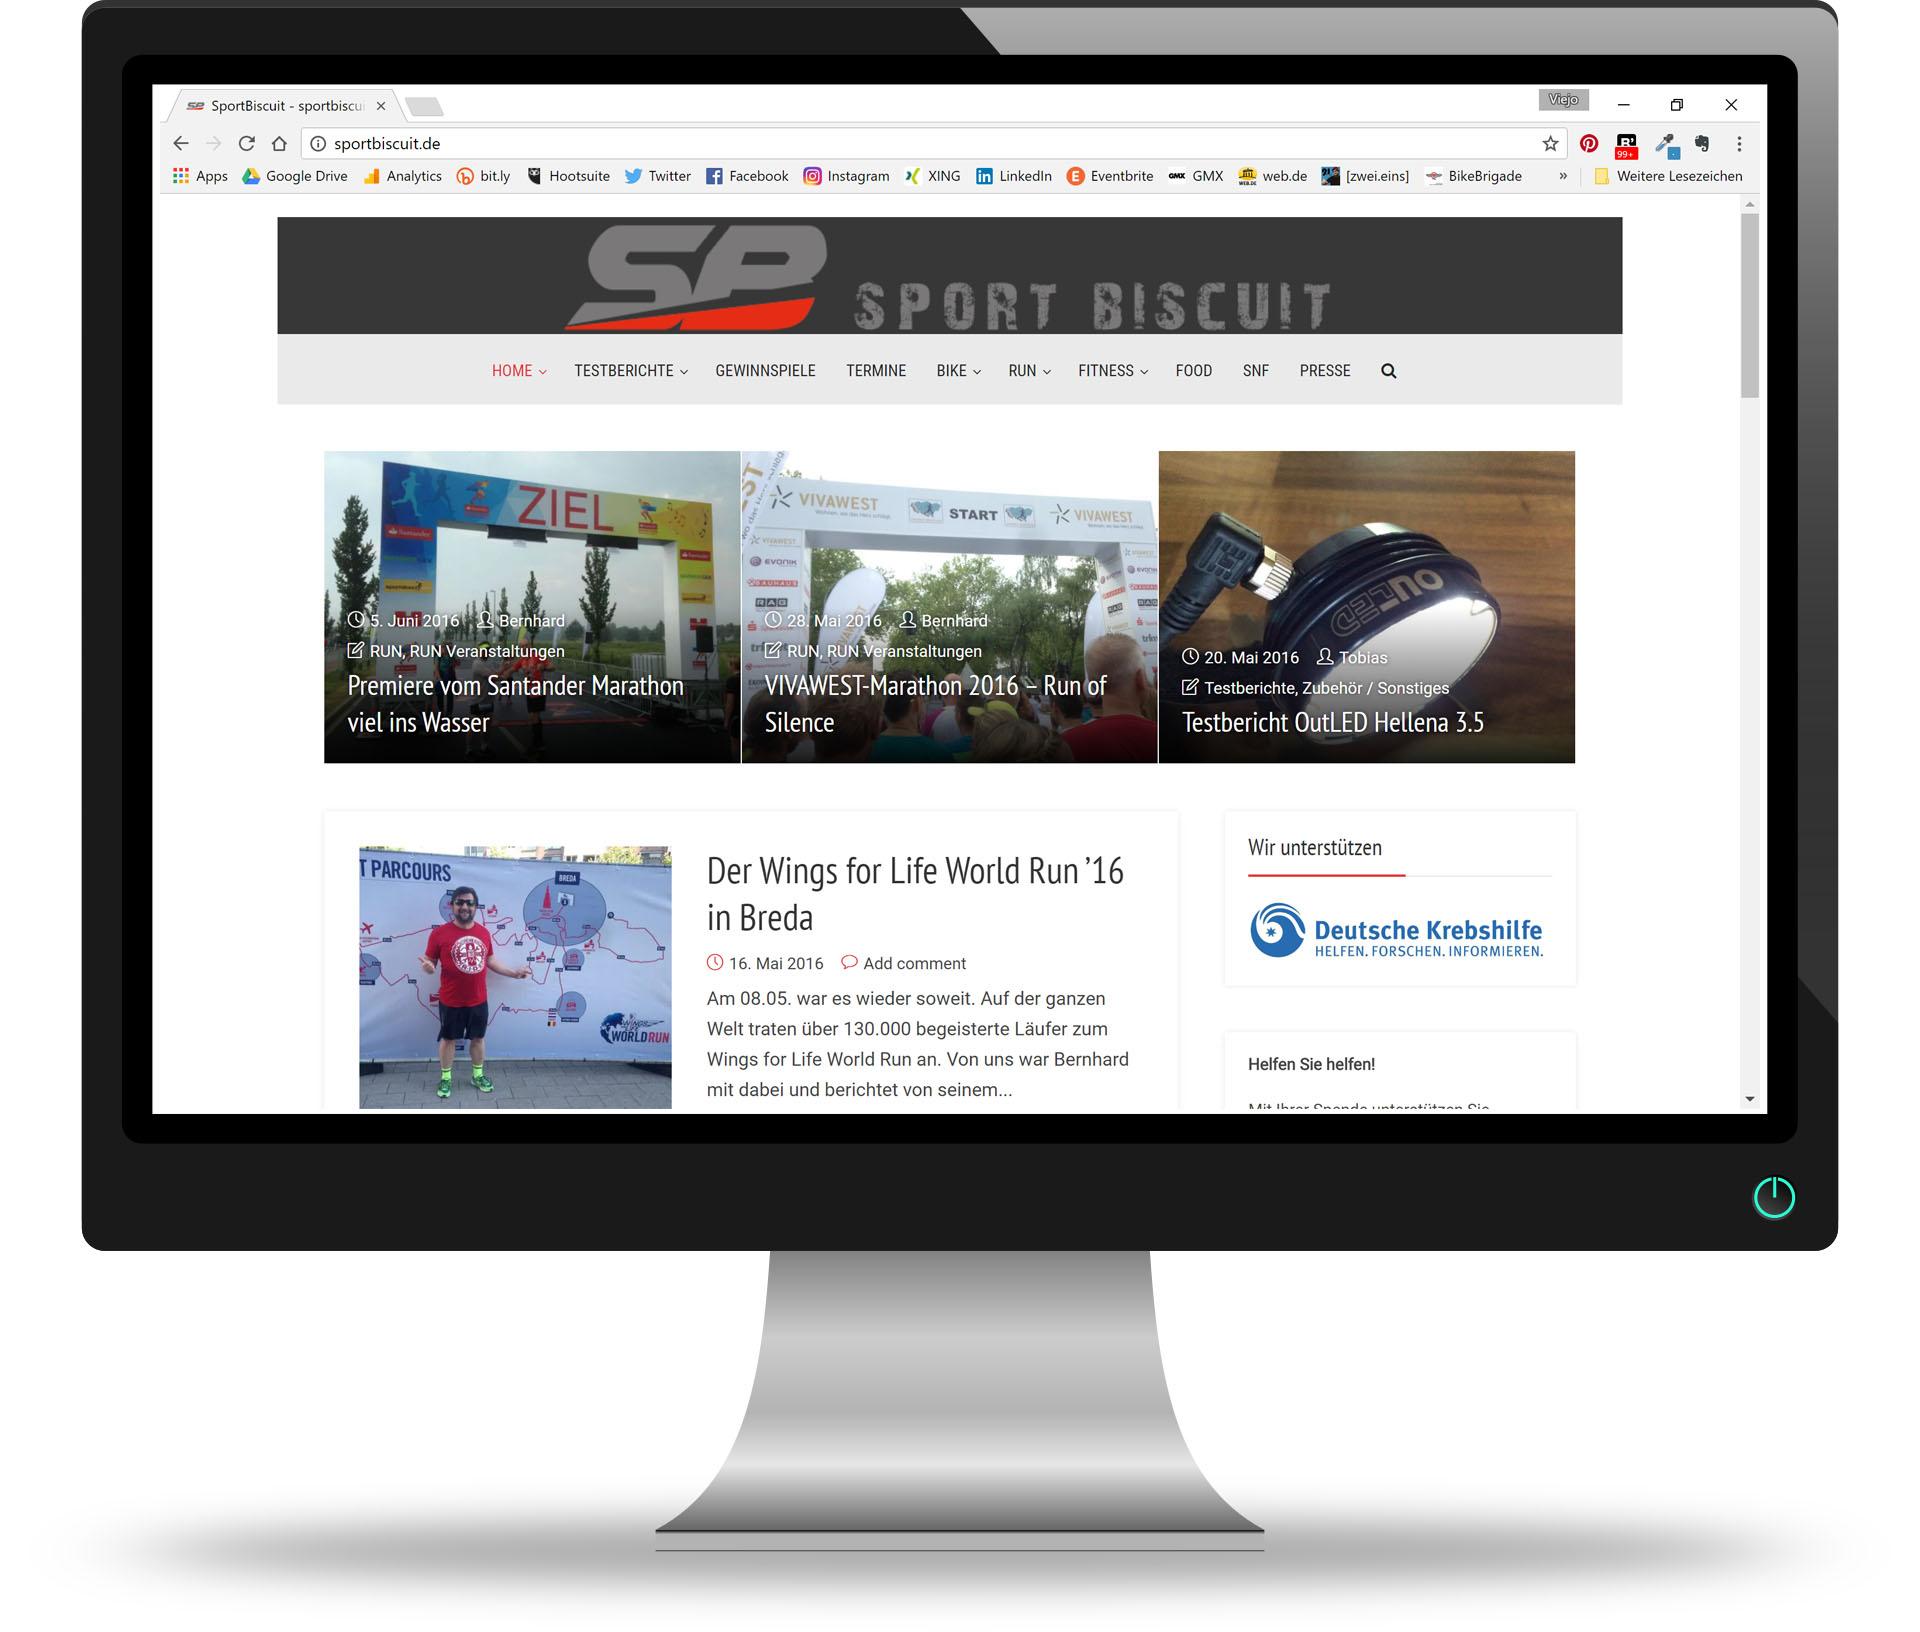 Sport Biscuit